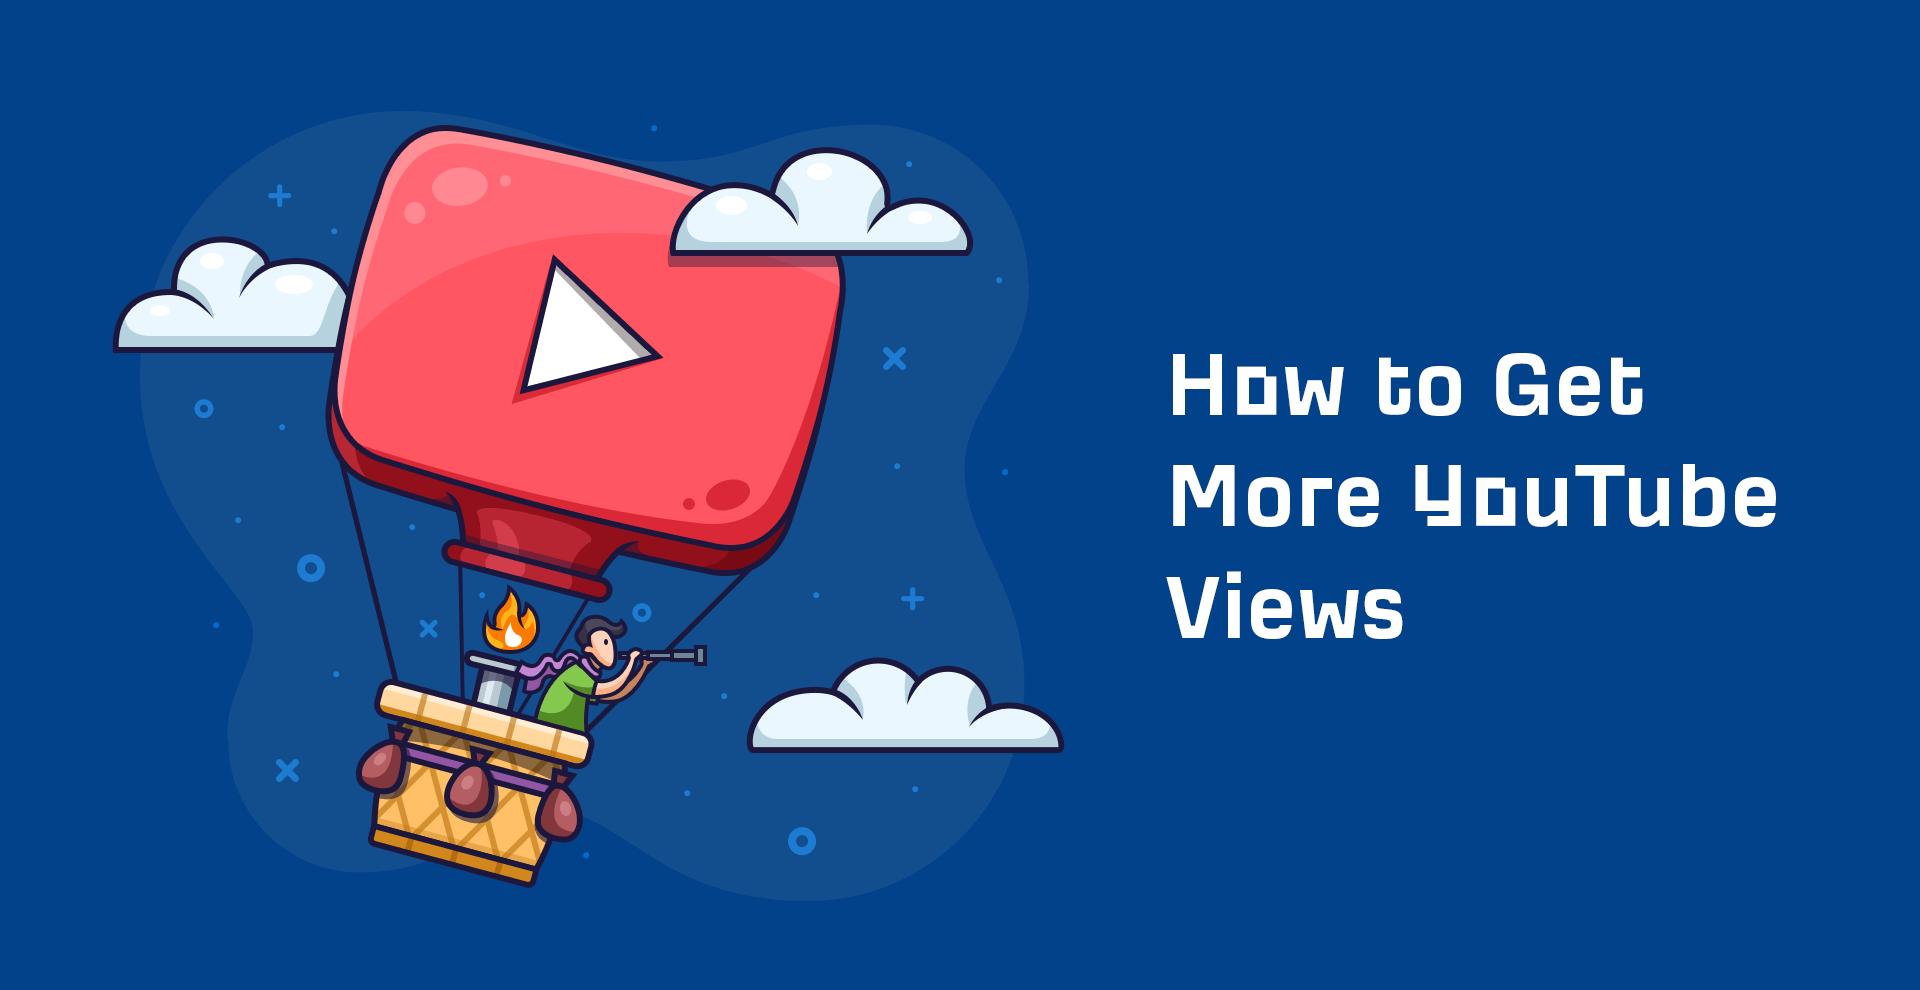 14 maneiras comprovadas de obter mais visualizações no YouTube 2